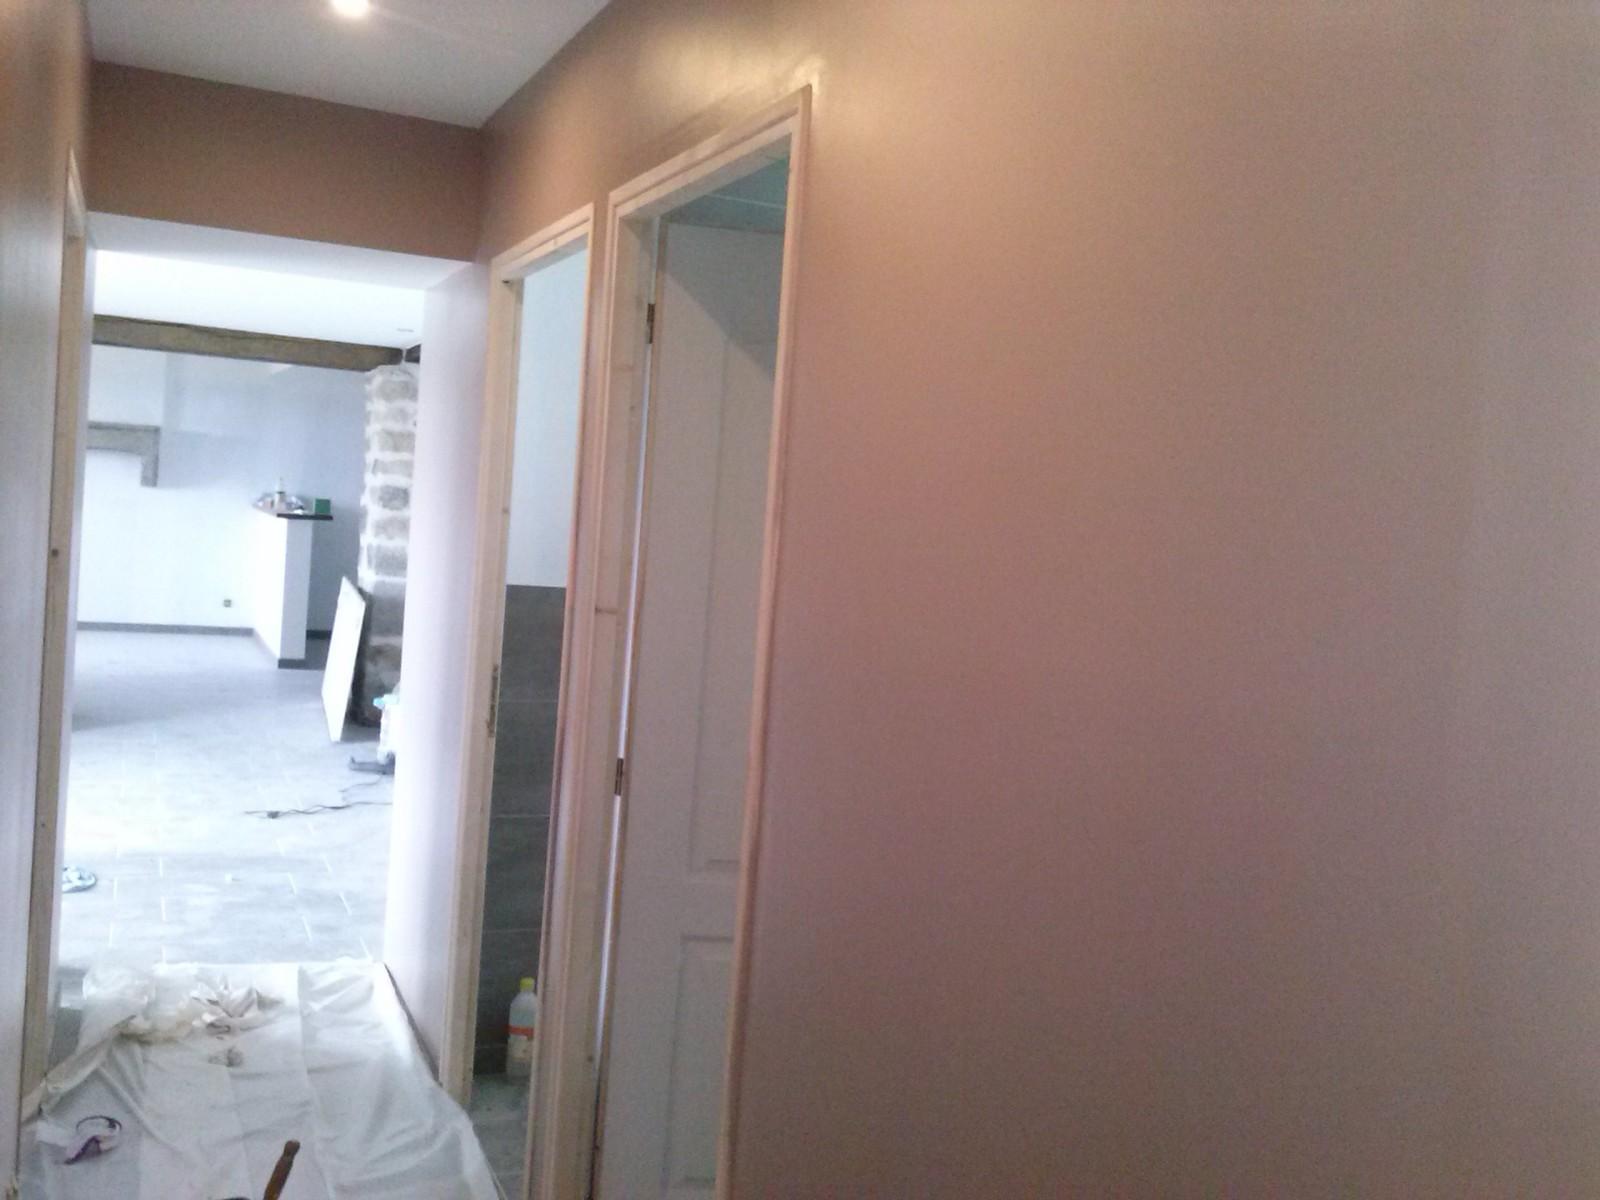 deco peinture dans un couloir id es de travaux. Black Bedroom Furniture Sets. Home Design Ideas